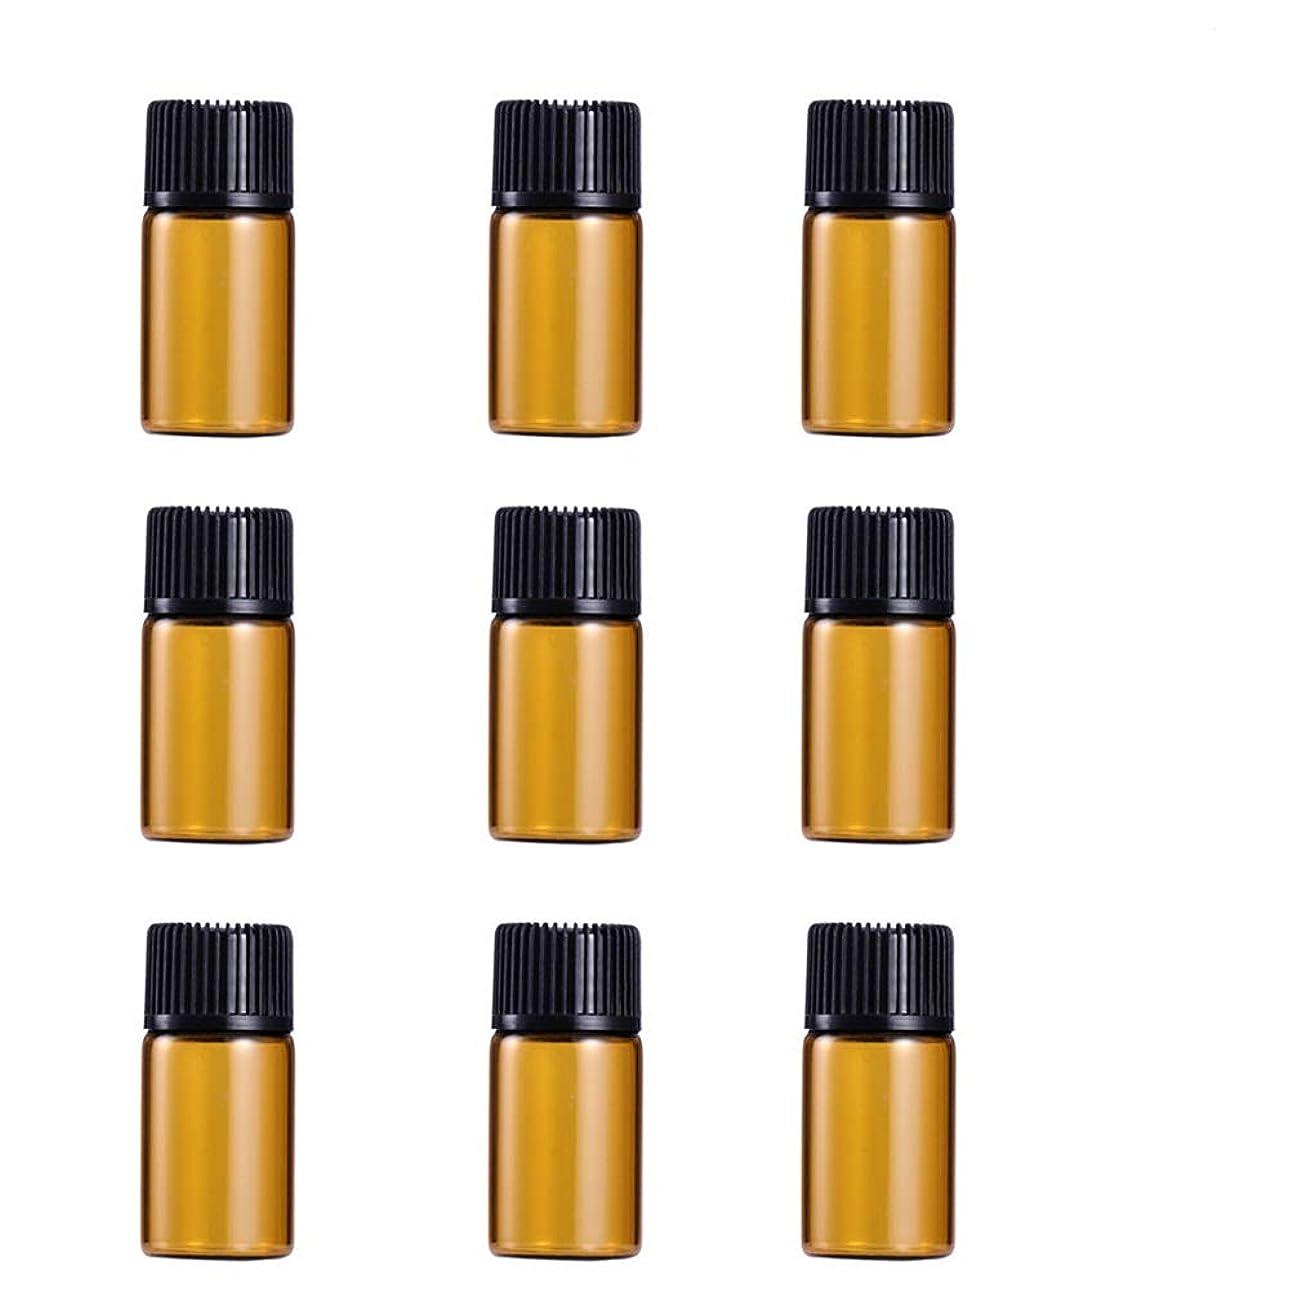 恐ろしいトースト批判的にWINOMO 遮光瓶 アロマオイル 精油 小分け用 遮光瓶セット アロマボトル 保存容器 エッセンシャルオイル 香水 保存用 詰替え ガラス 茶色(9個入り 3ml)